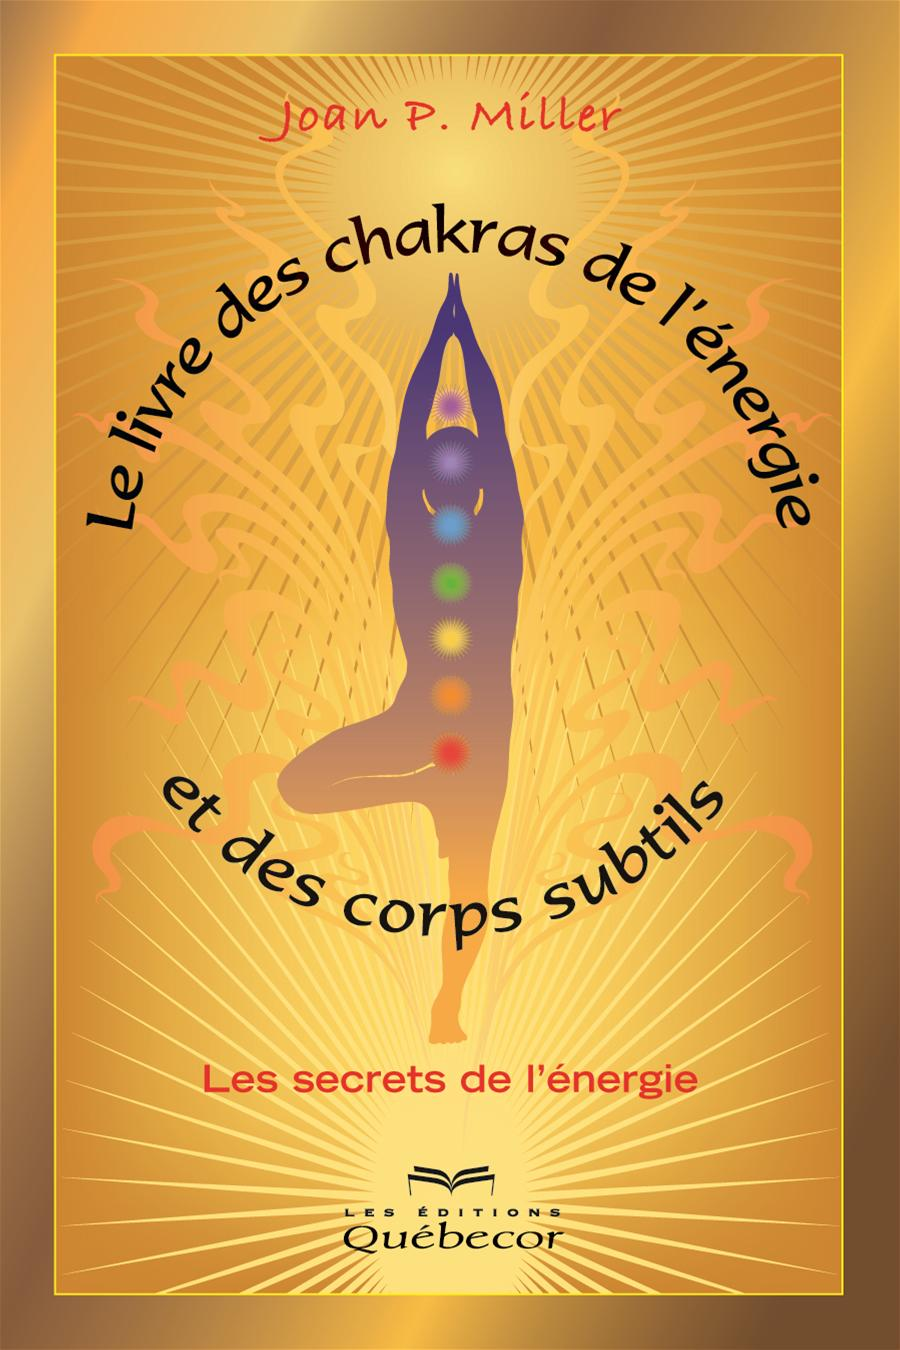 Le livre des chakras, de l'énergie et des corps subtils